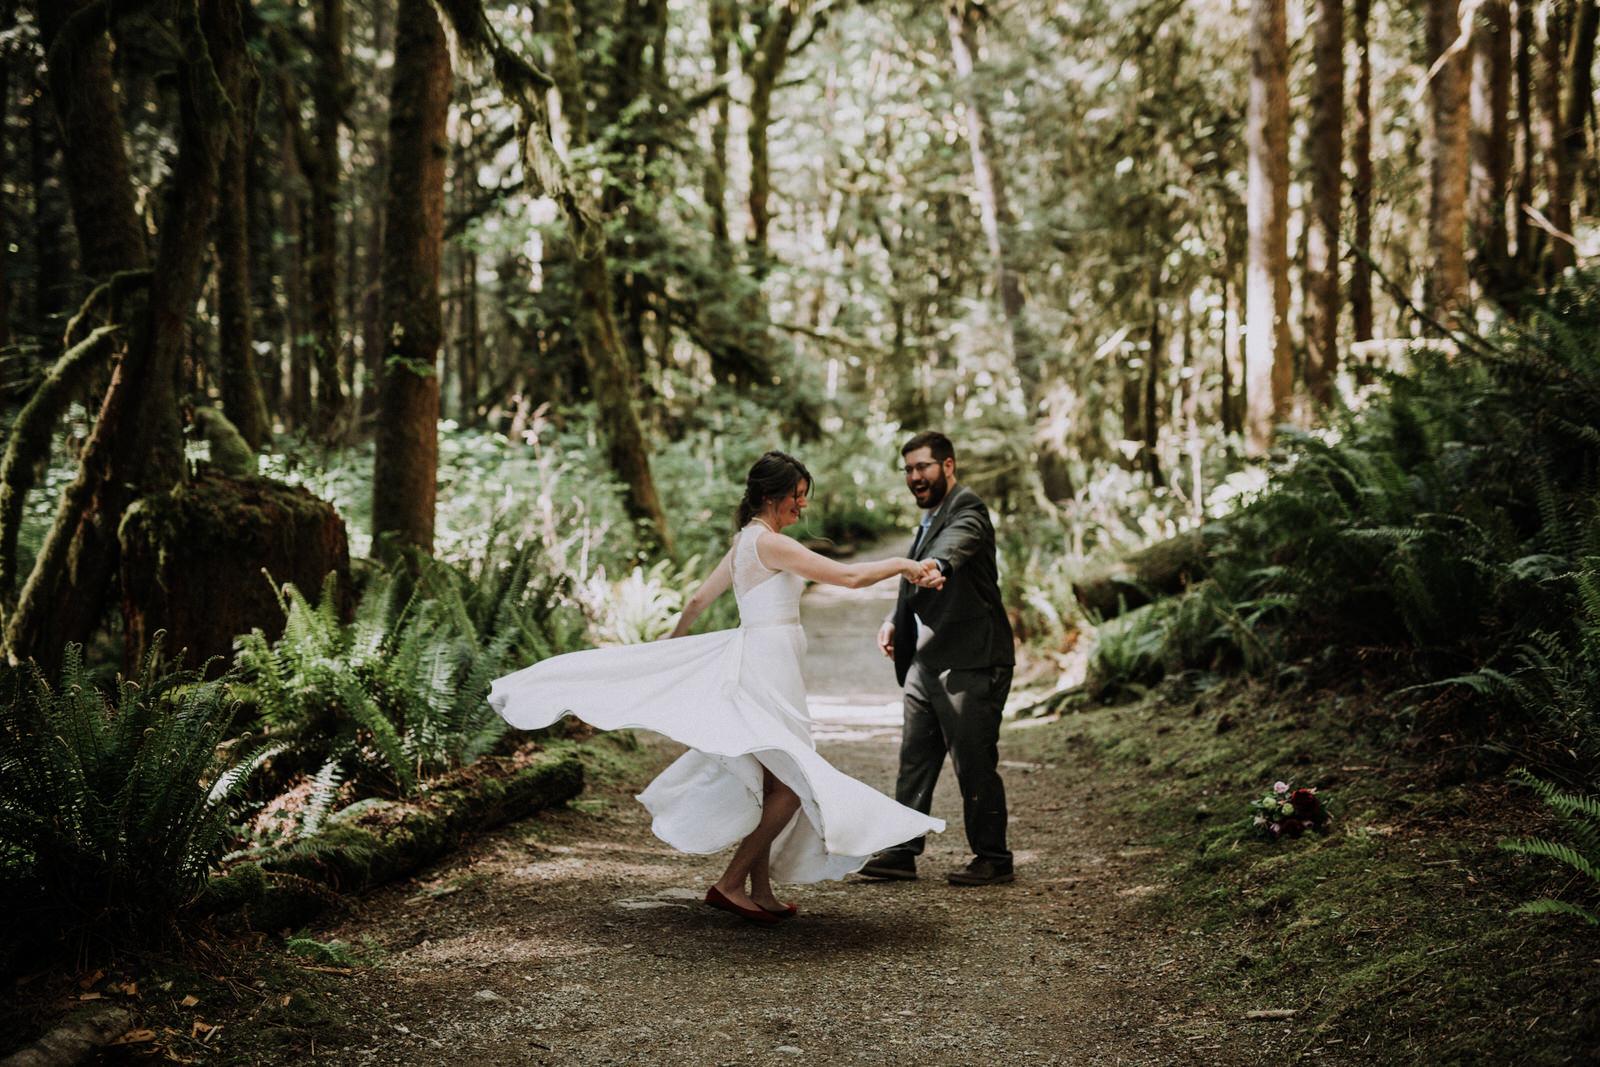 Sunshine Coast Vancouver Wedding Photographer, Jennifer Picard, 2016 Favourite Wedding Photos